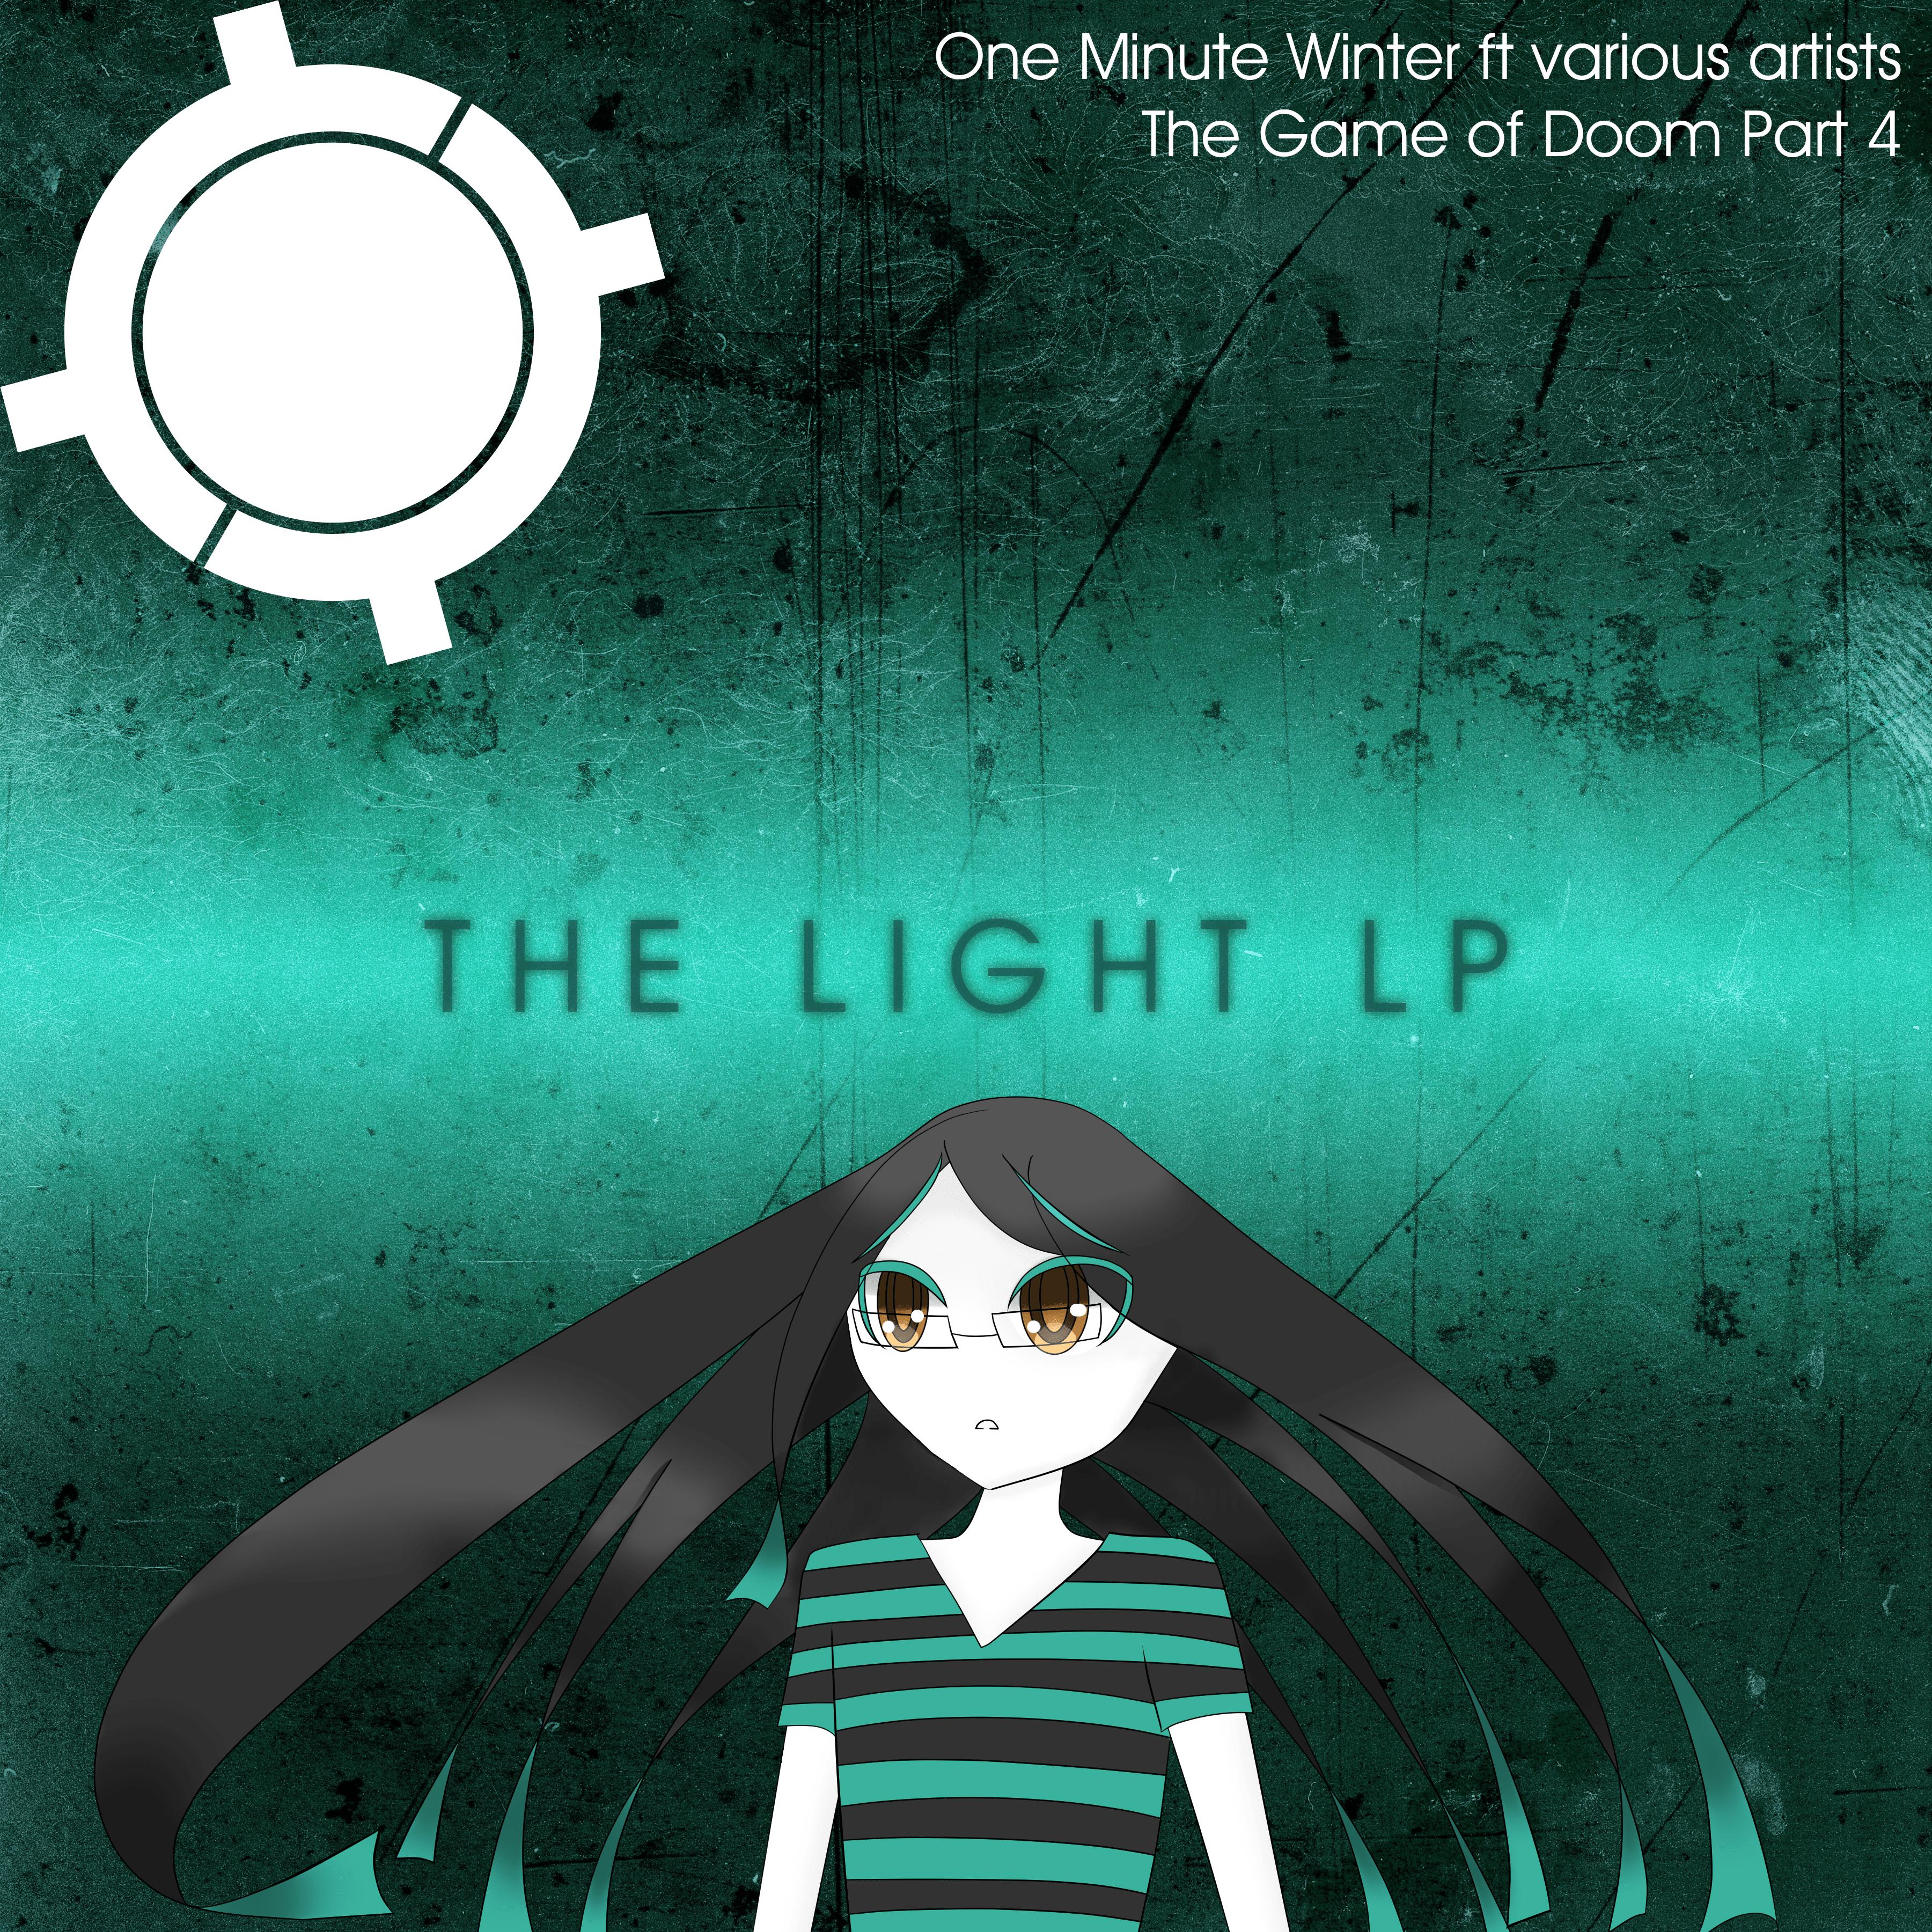 THE LIGHT LP (album)